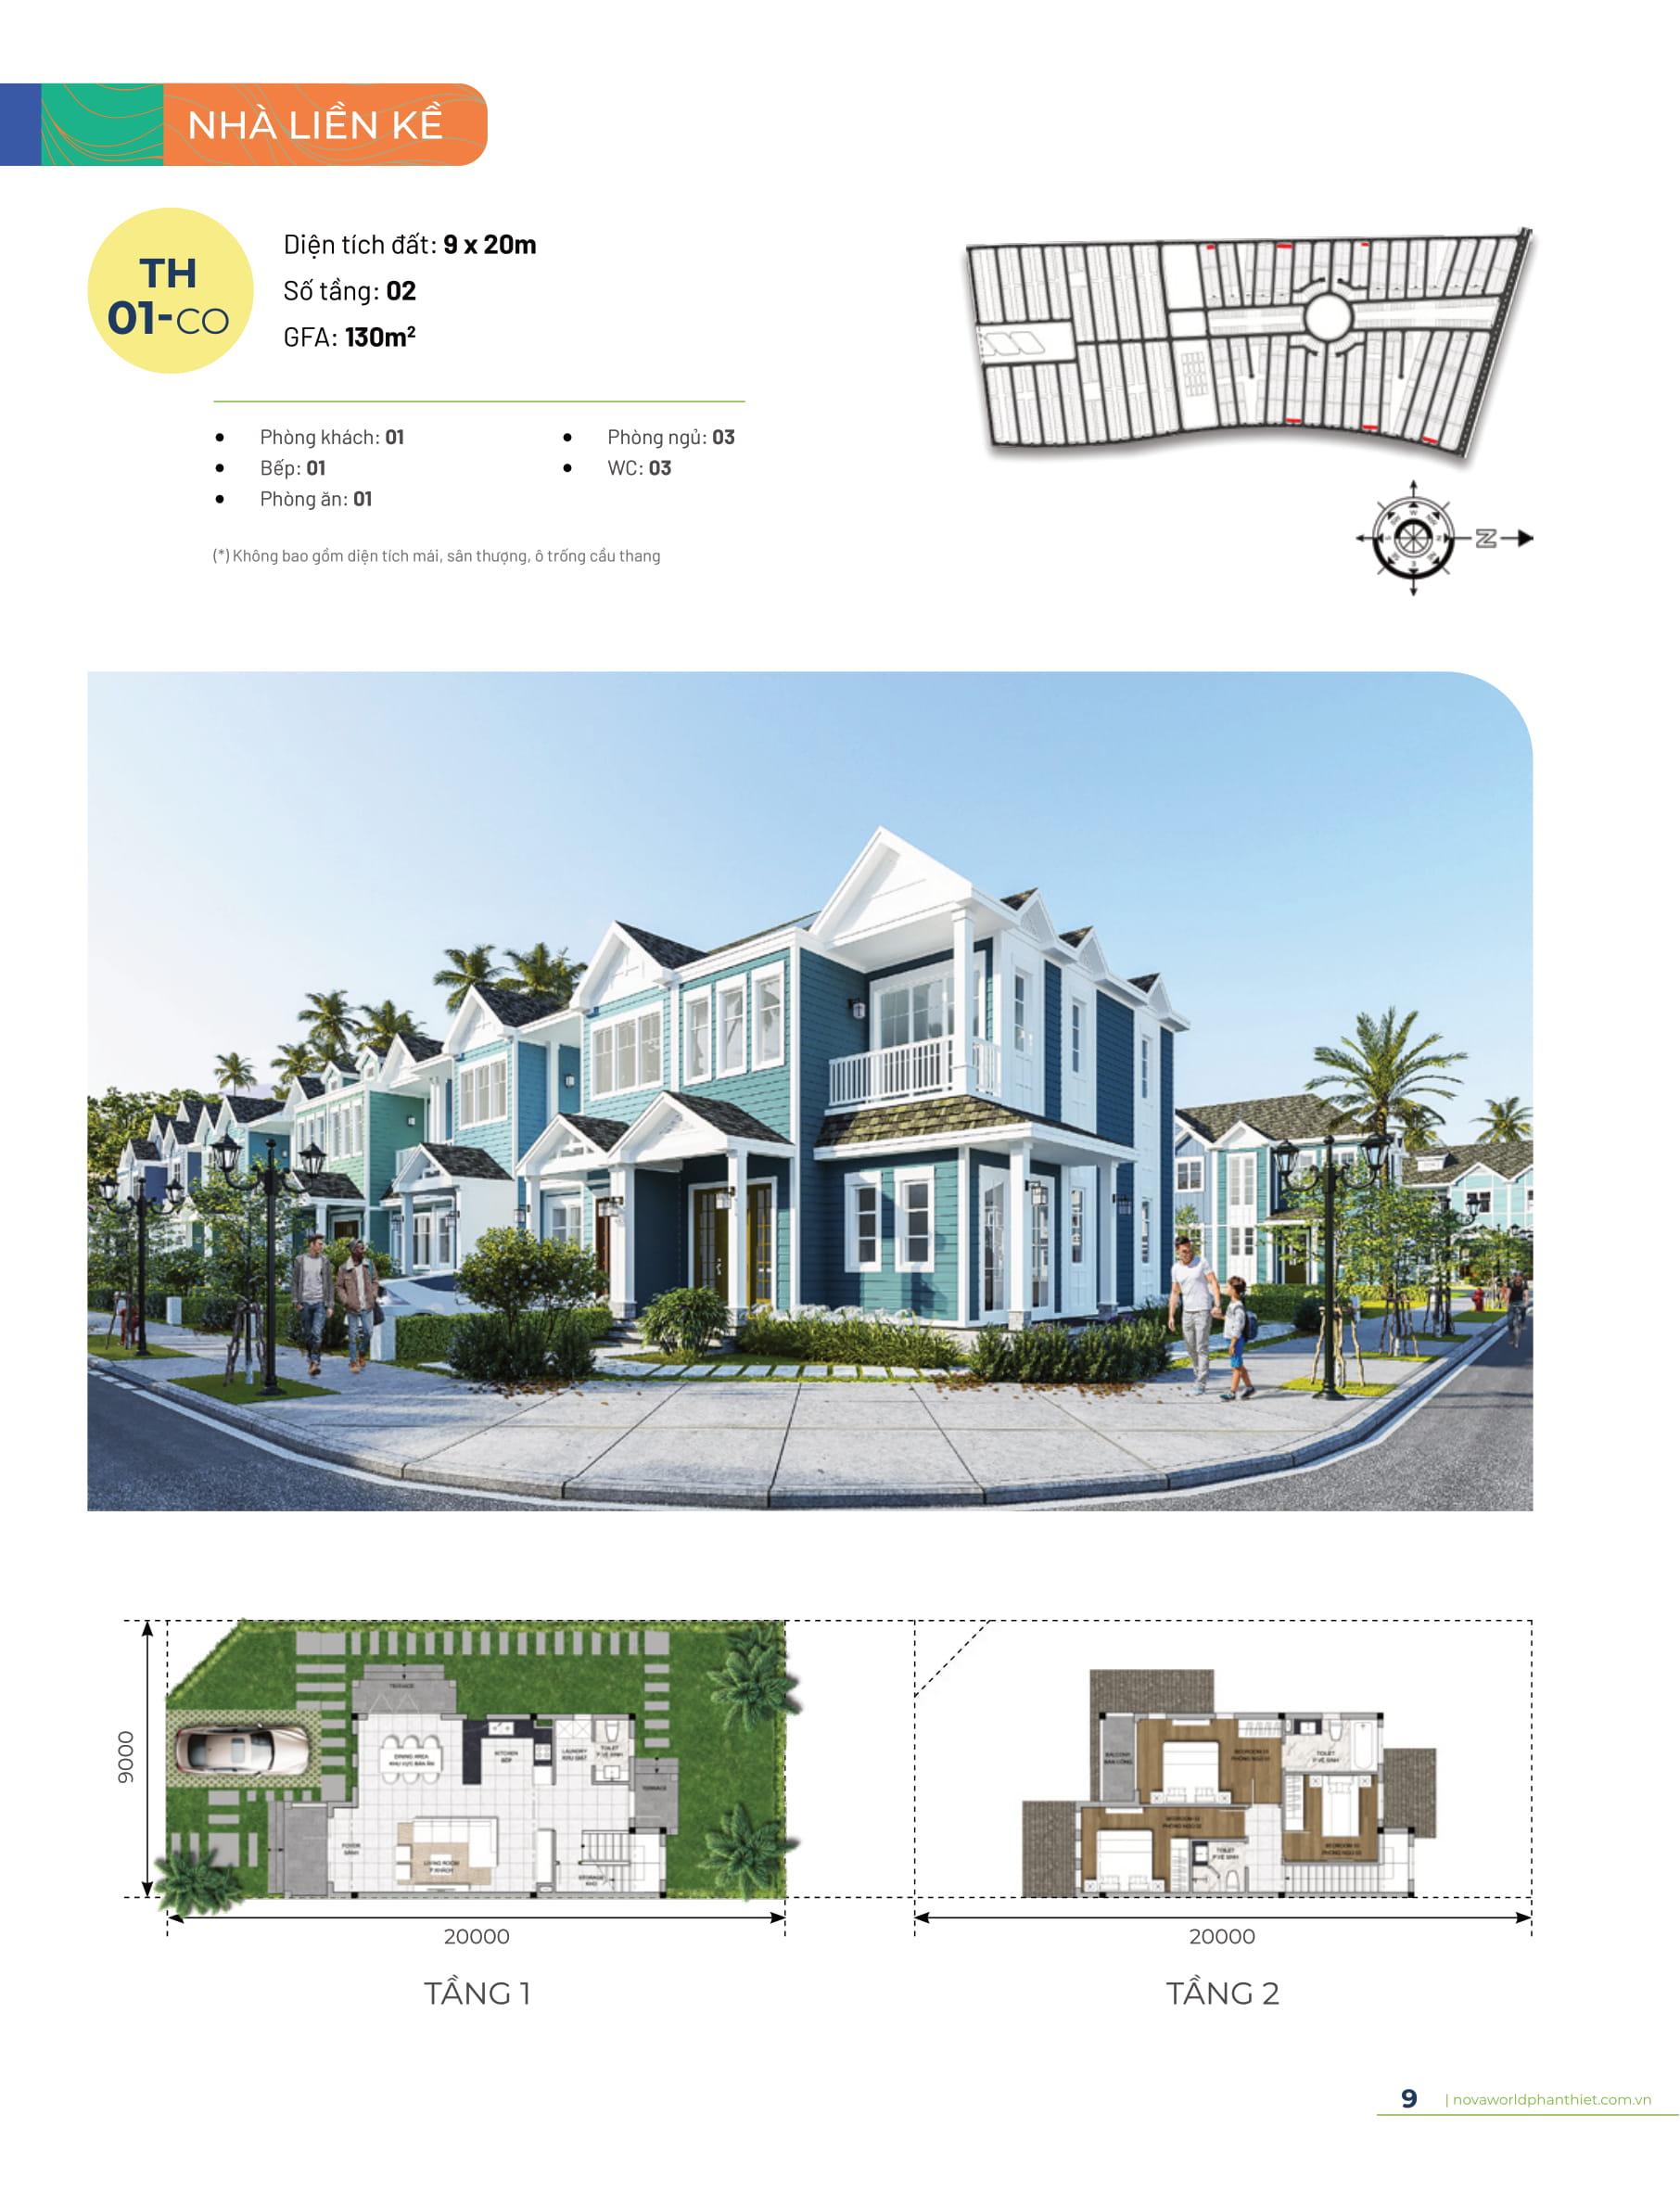 mb-nwp-plans-4b-210820-08